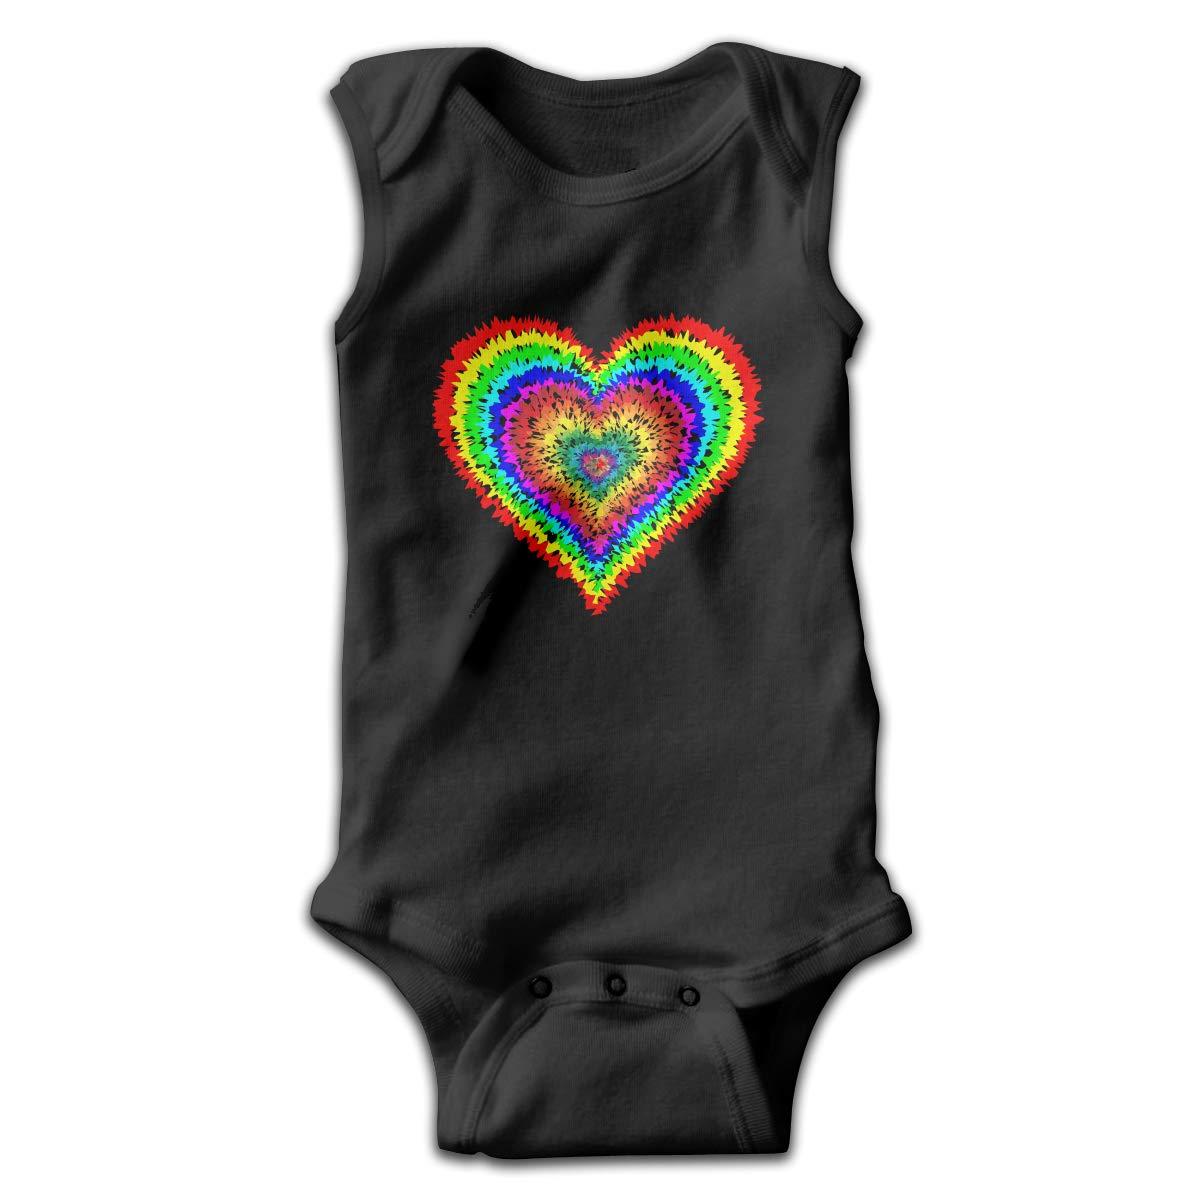 MMSSsJQ6 Tye Dye Heart Infant Baby Boys Girls Infant Creeper Sleeveless Rompers Romper Jumpsuit